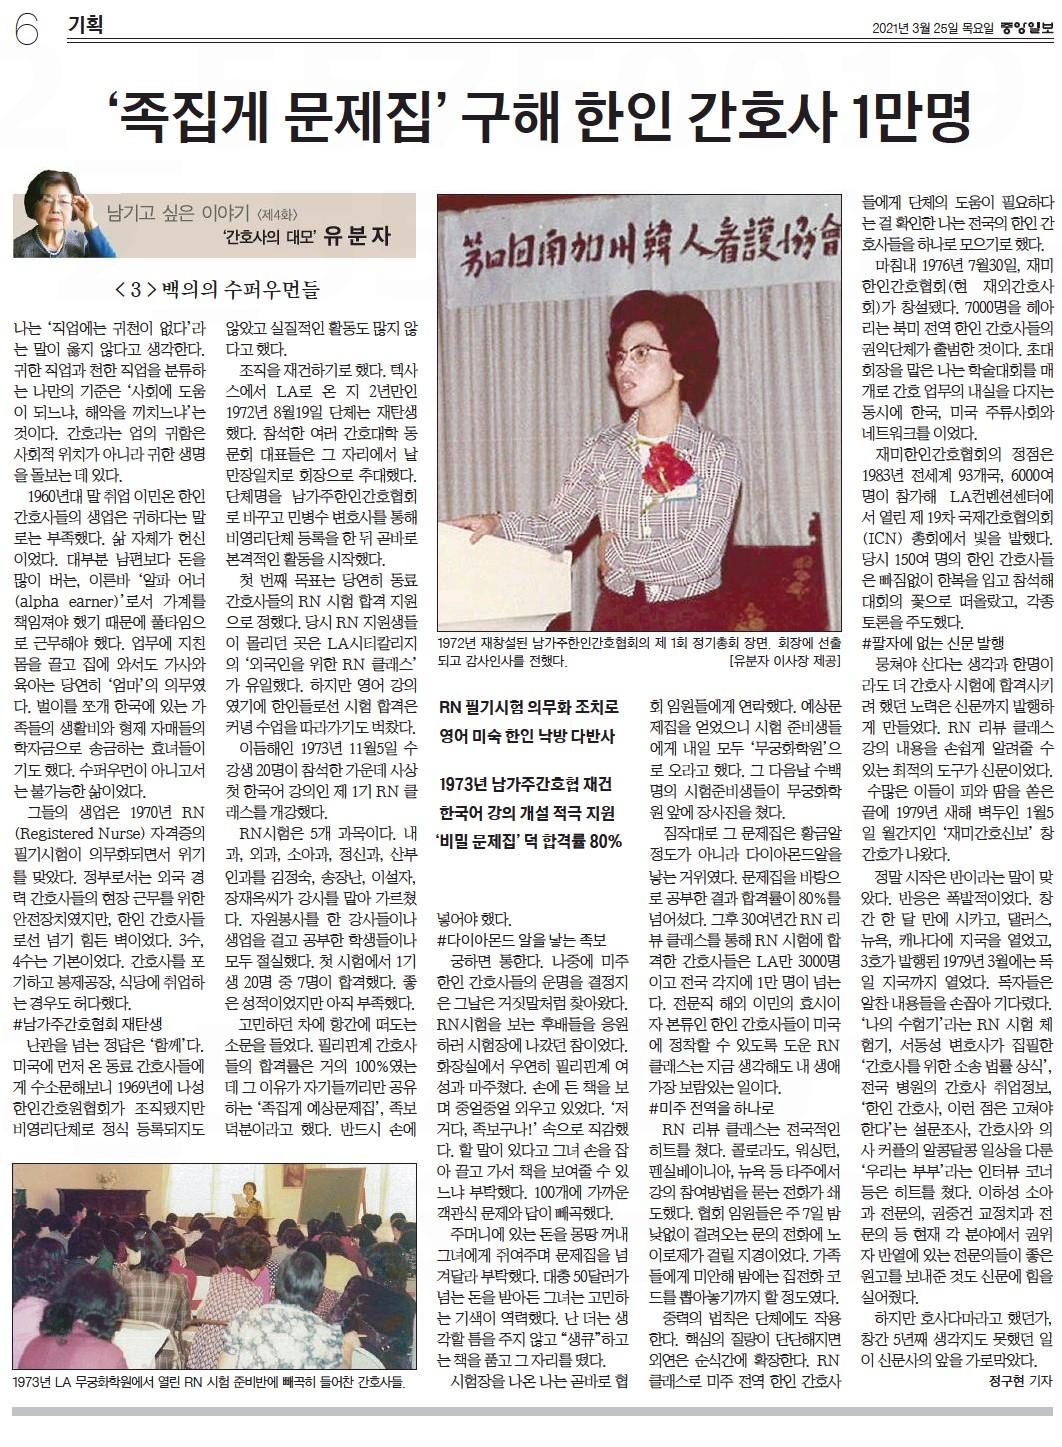 [중앙일보] 남기고 싶은 이야기  – 3. 백의의 수퍼우먼들